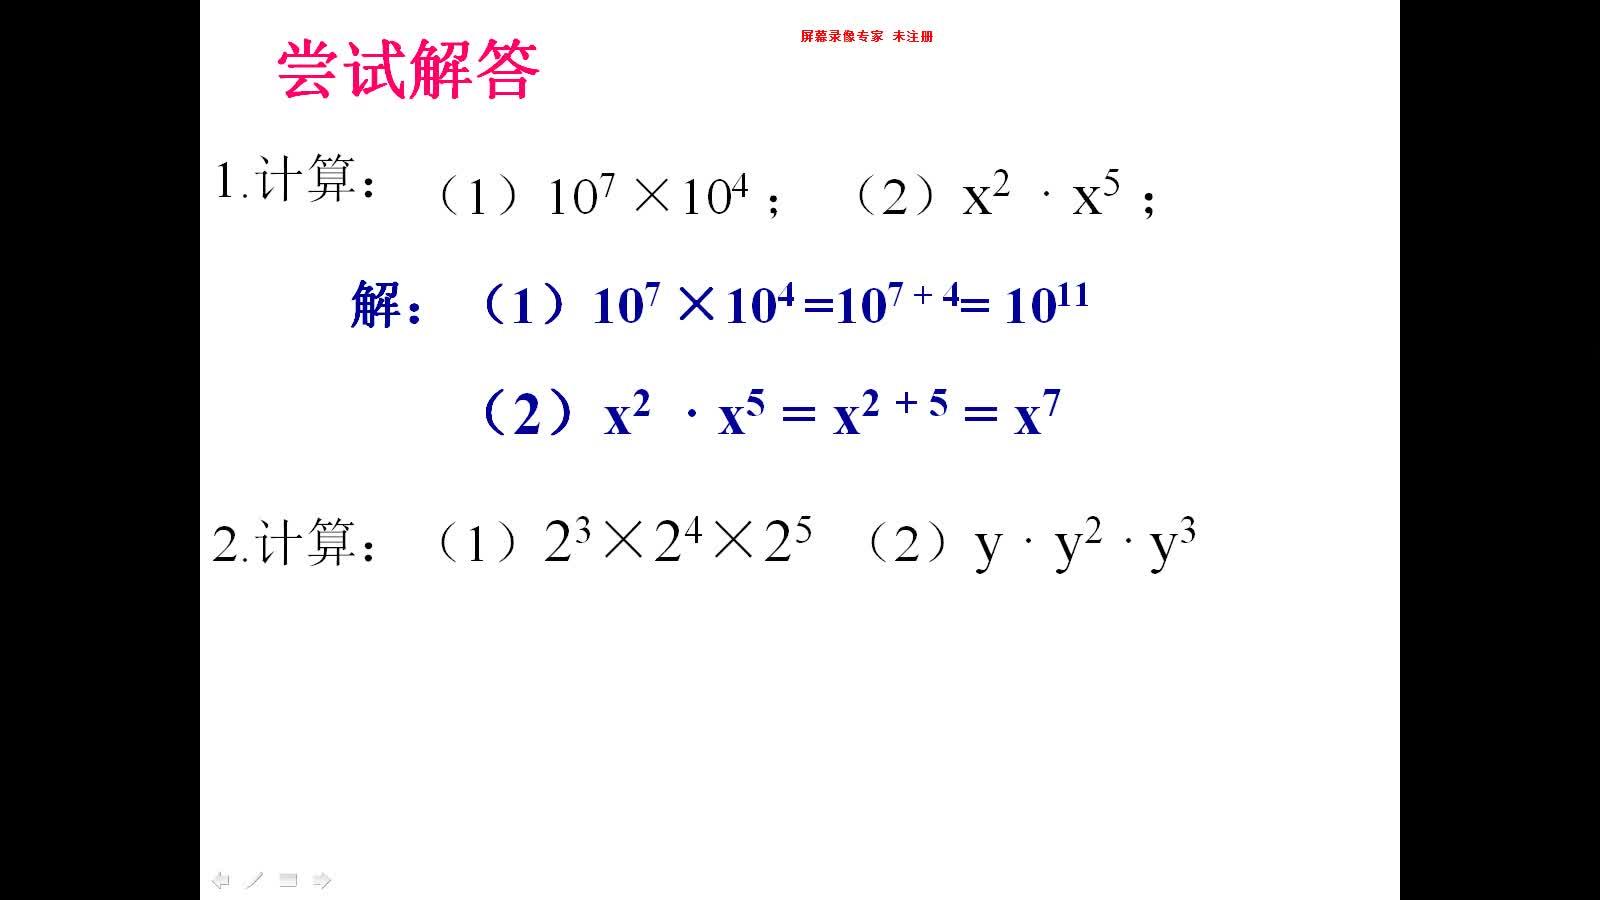 八年级数学上册 15.1 整式的乘法 同底数幂的乘法 邓柏慧-视频微课堂